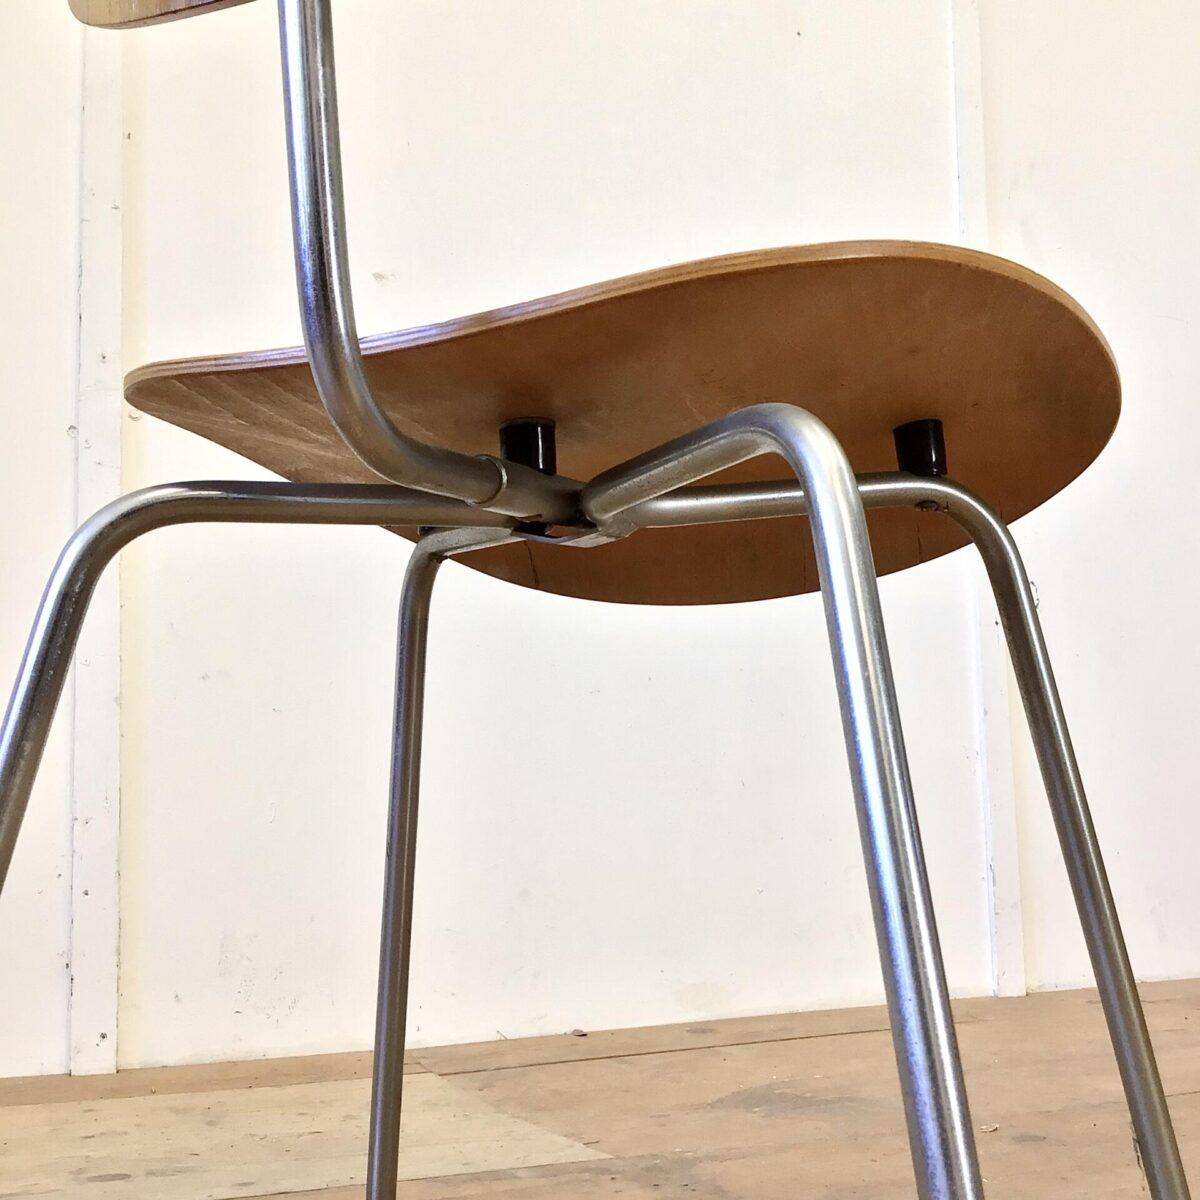 Schön erhaltener SE 68 Stapelstuhl von Egon Eiermann für Wilde + Spieth aus den 60er Jahren. Sitz und Lehne Nussbaum Furnier. Metall Gestell verchromt, altersbedingt leicht matt.